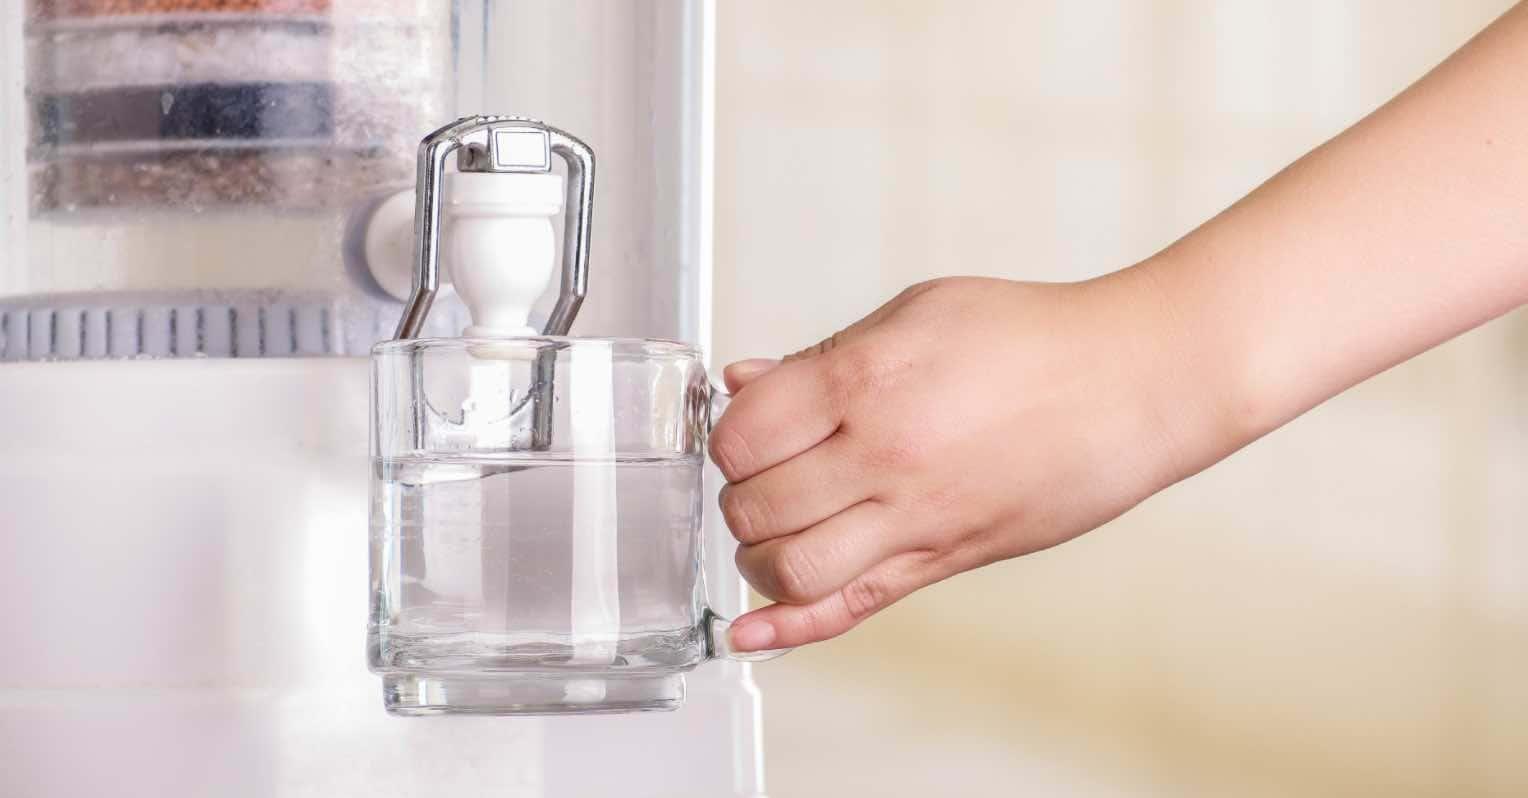 quy trình hoạt động củahệ thống xử lý nước